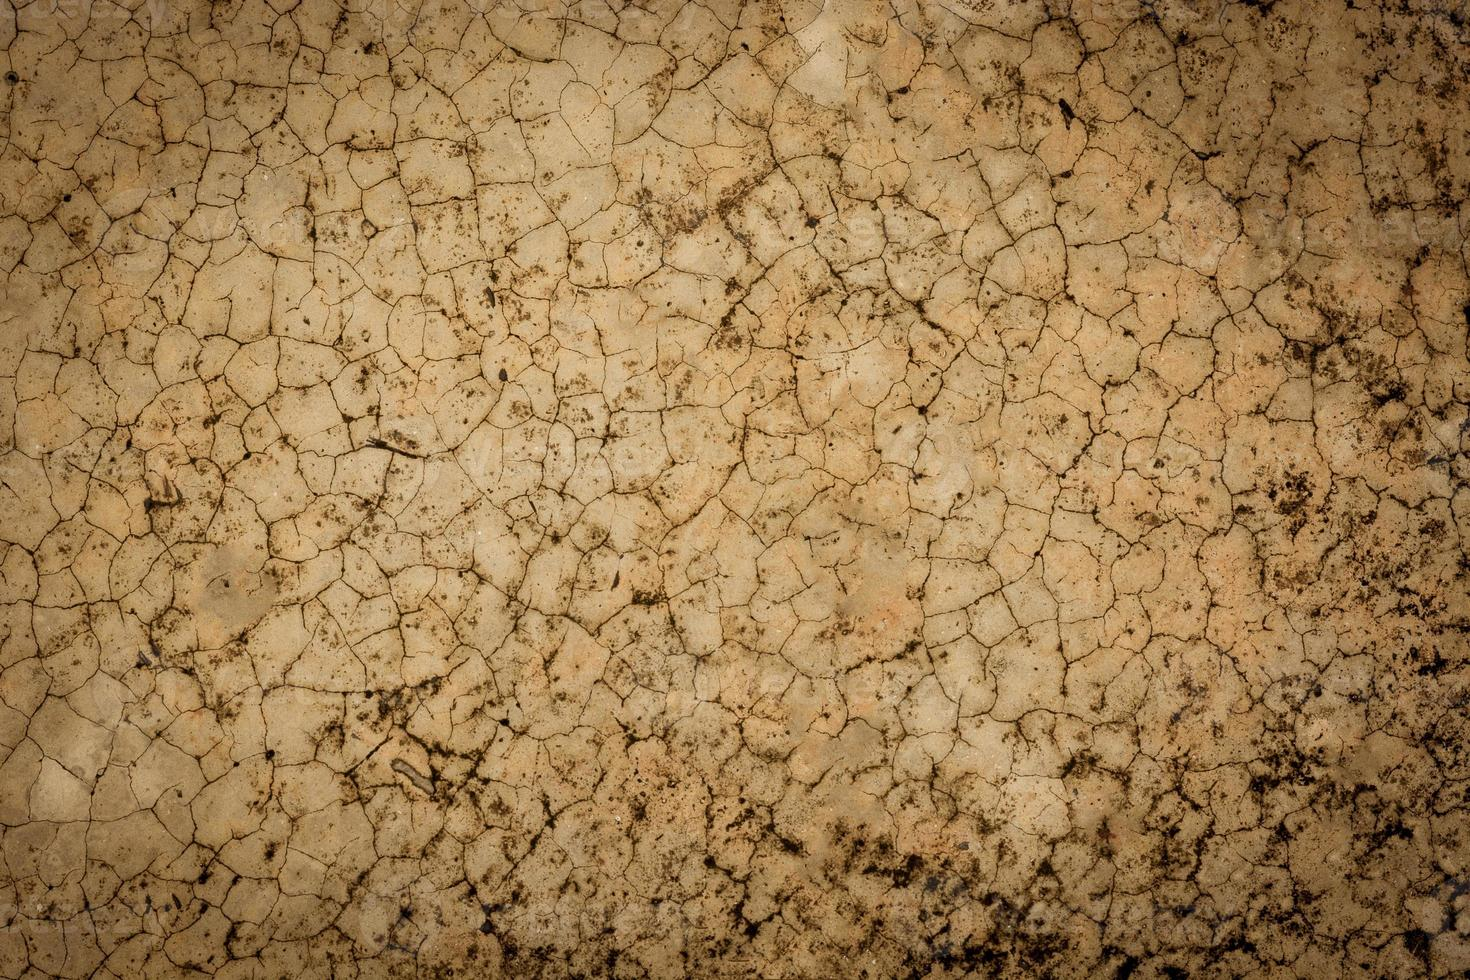 Fond de texture de sol en ciment fissuré marron entrez le texte photo